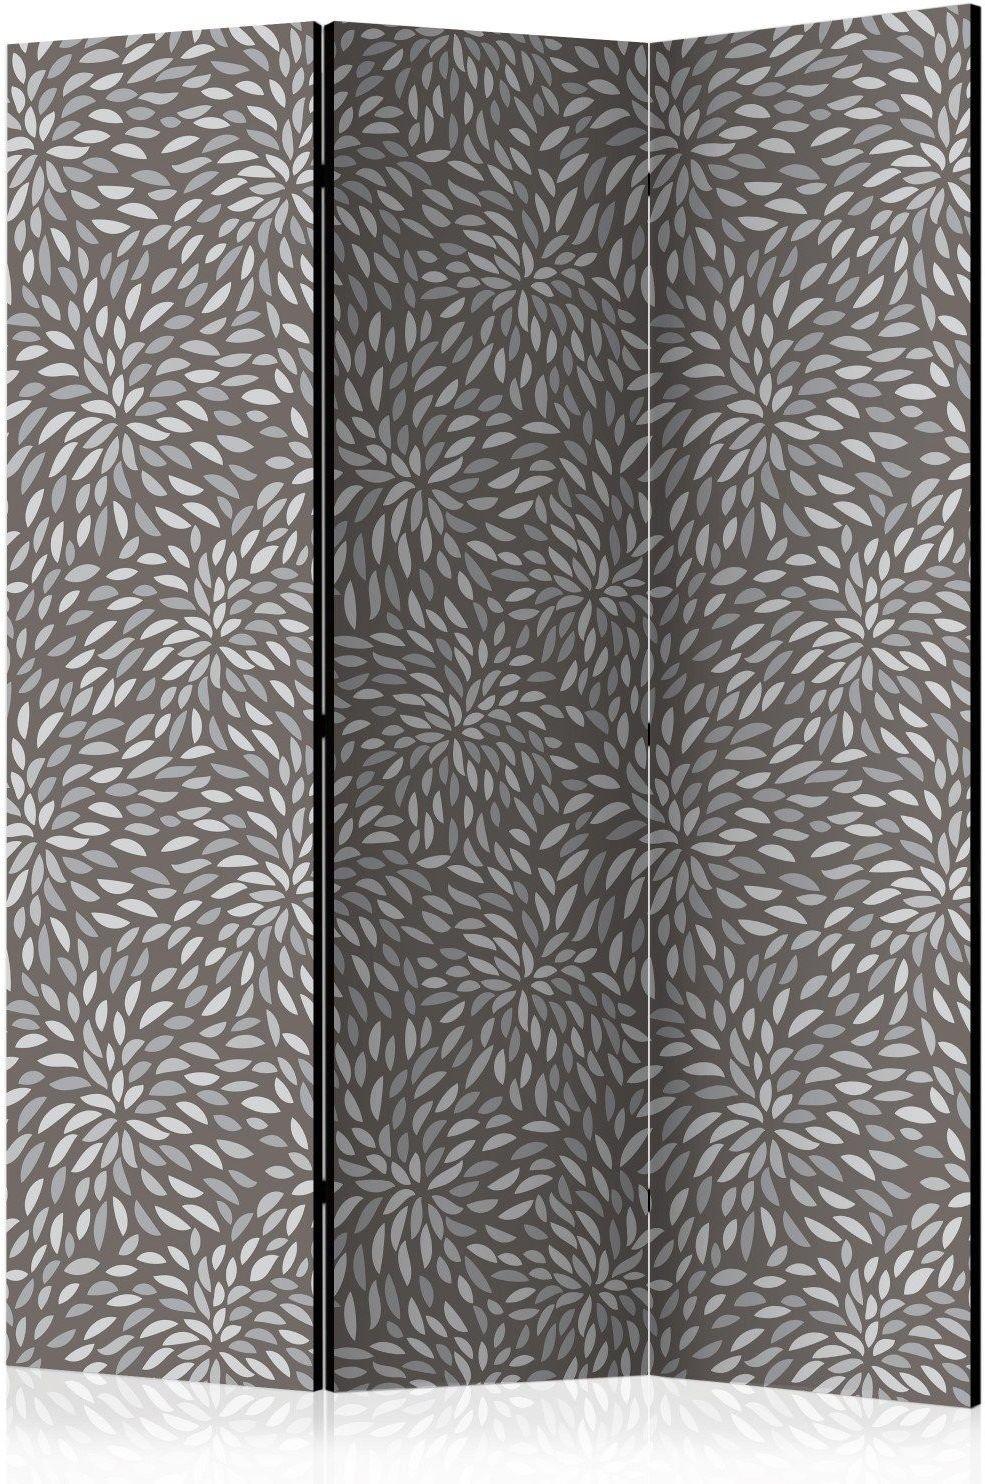 Parawan 3-częściowy - ziarenka [room dividers]